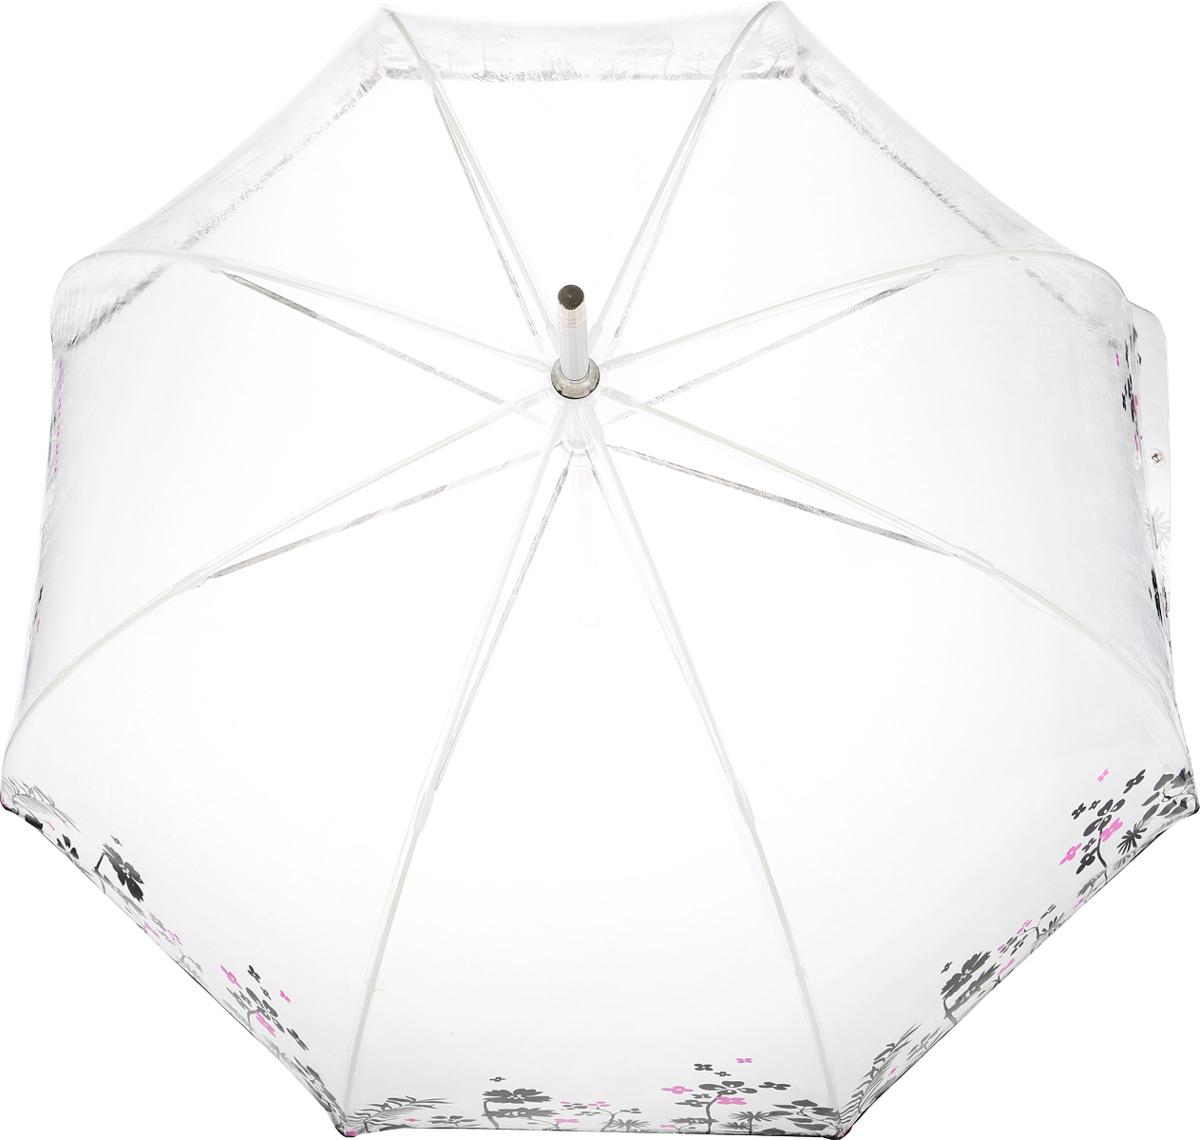 Зонт-трость женский Isotoner, механический, цвет: прозрачный, черный. 09357-3357REM12-CAM-GREENBLACKМеханический зонт-трость Isotonerоформлен оригинальным принтом с изображением цветов.Он оснащен надежным металлическим каркасом с восьмью спицами из алюминия. Купол изготовлен из ПВХ.Модель застегивается с помощью хлястика на кнопку.Эргономичная рукоятка выполнена из пластика.Такой зонт не только надежно защитит вас от дождя, но и станет стильным аксессуаром, который идеально подчеркнет ваш образ.